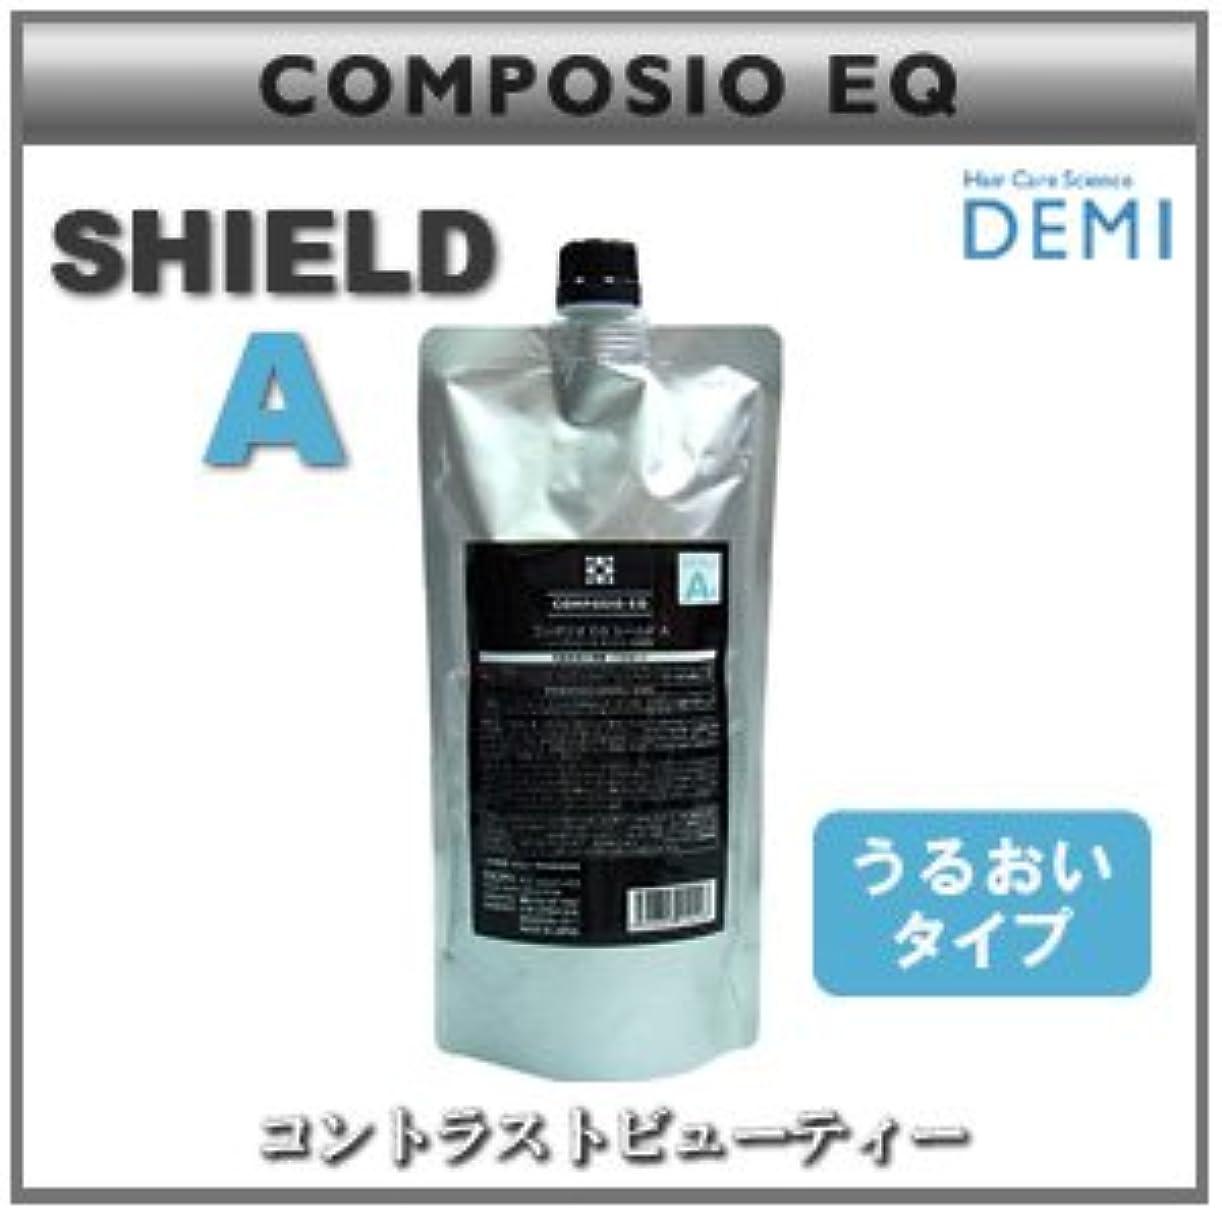 戦う優しいカビ【x3個セット】 デミ コンポジオ EQ シールド A 450g